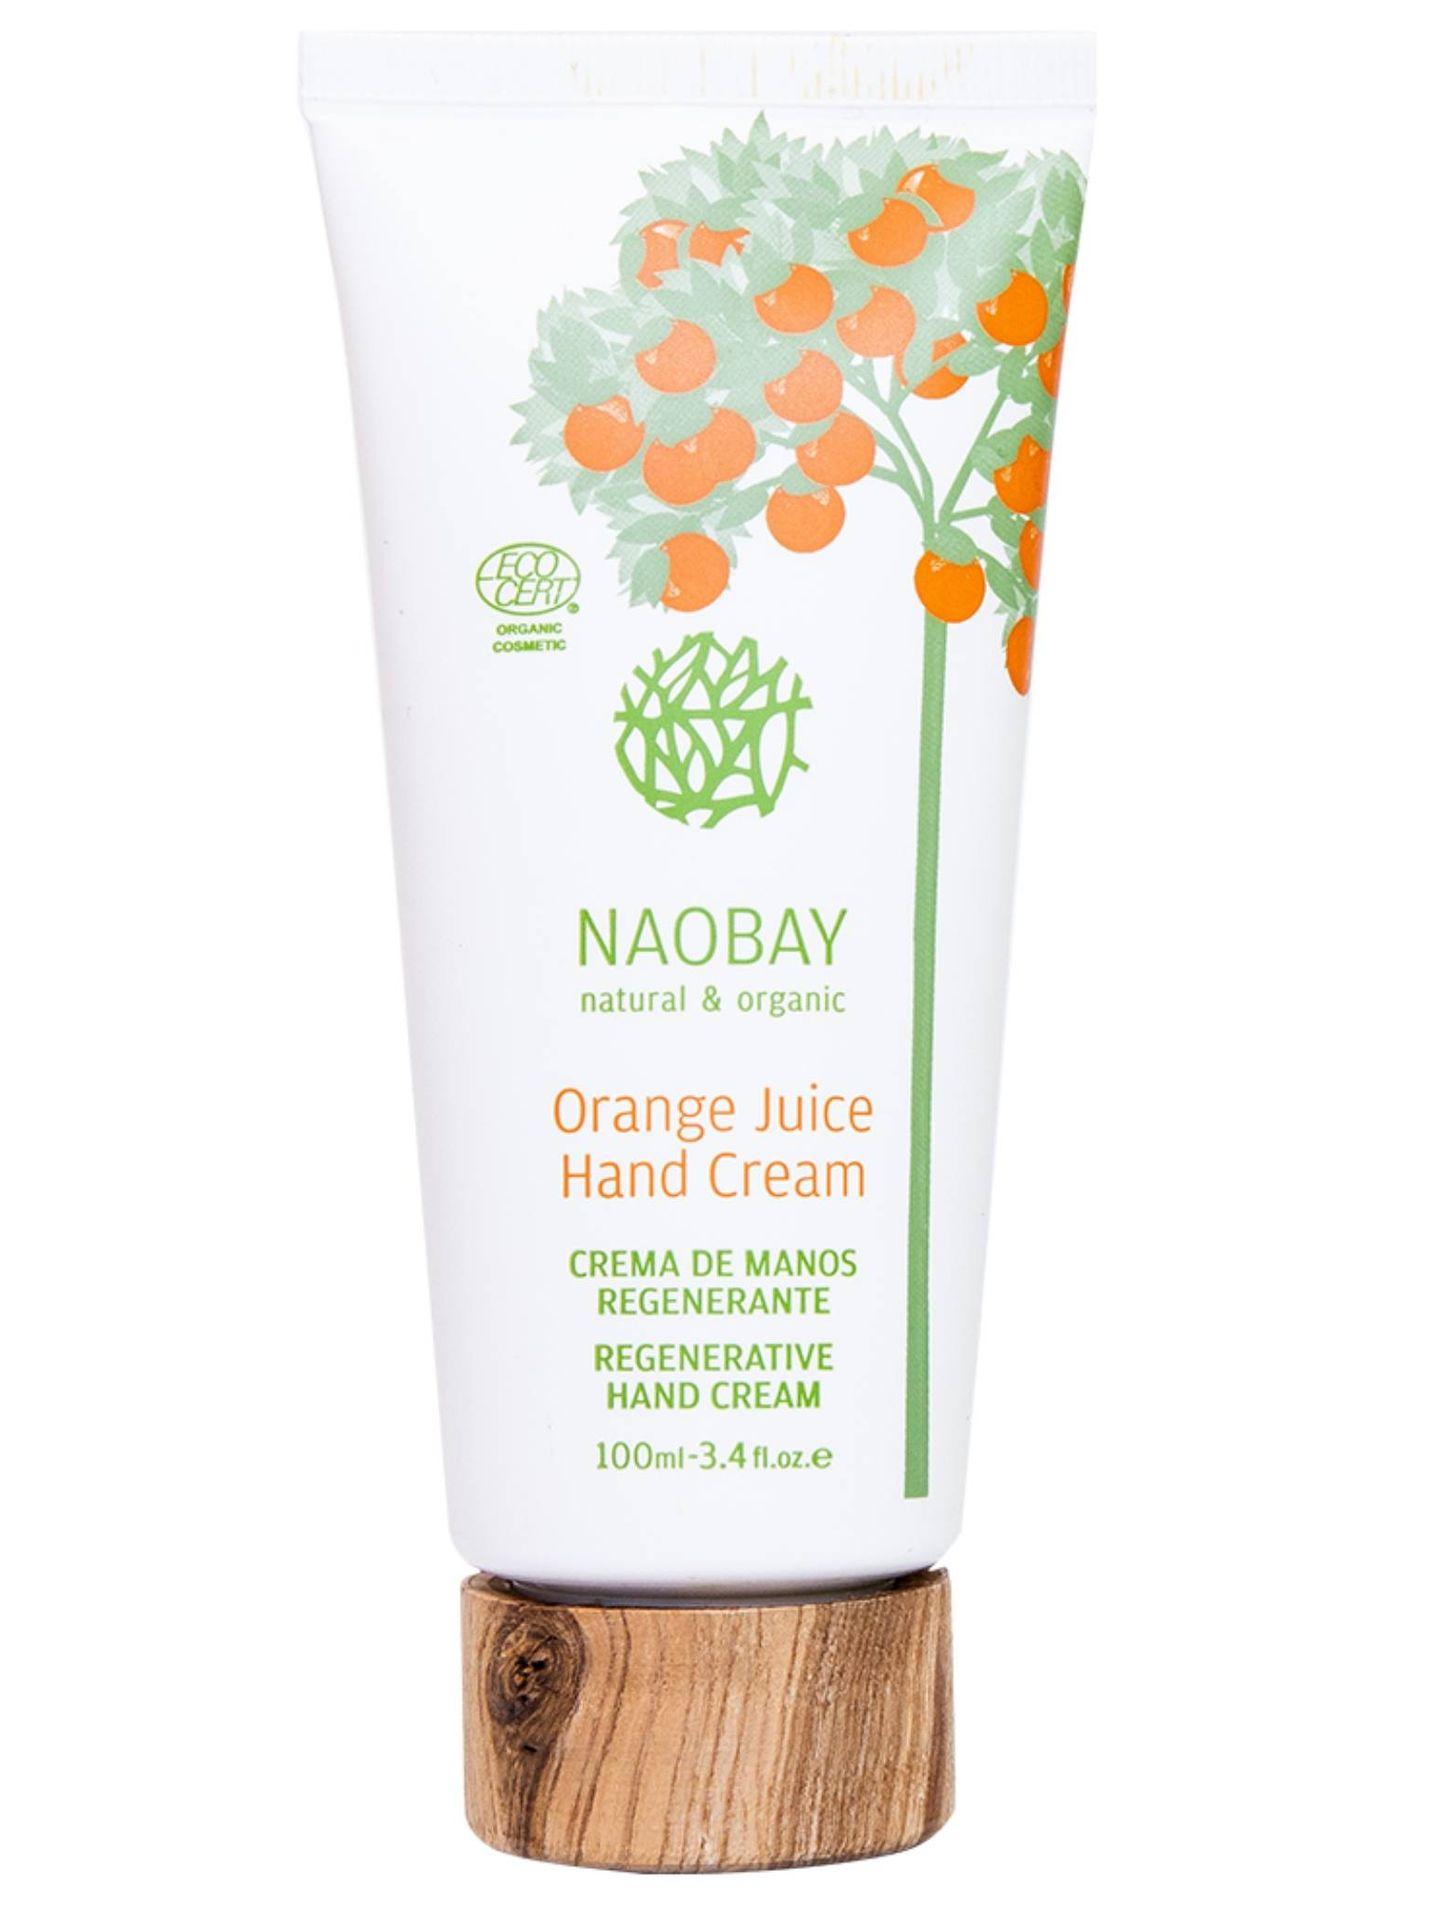 Crema hidratante para cuidar tu manicura y pedicura. (Cortesía)